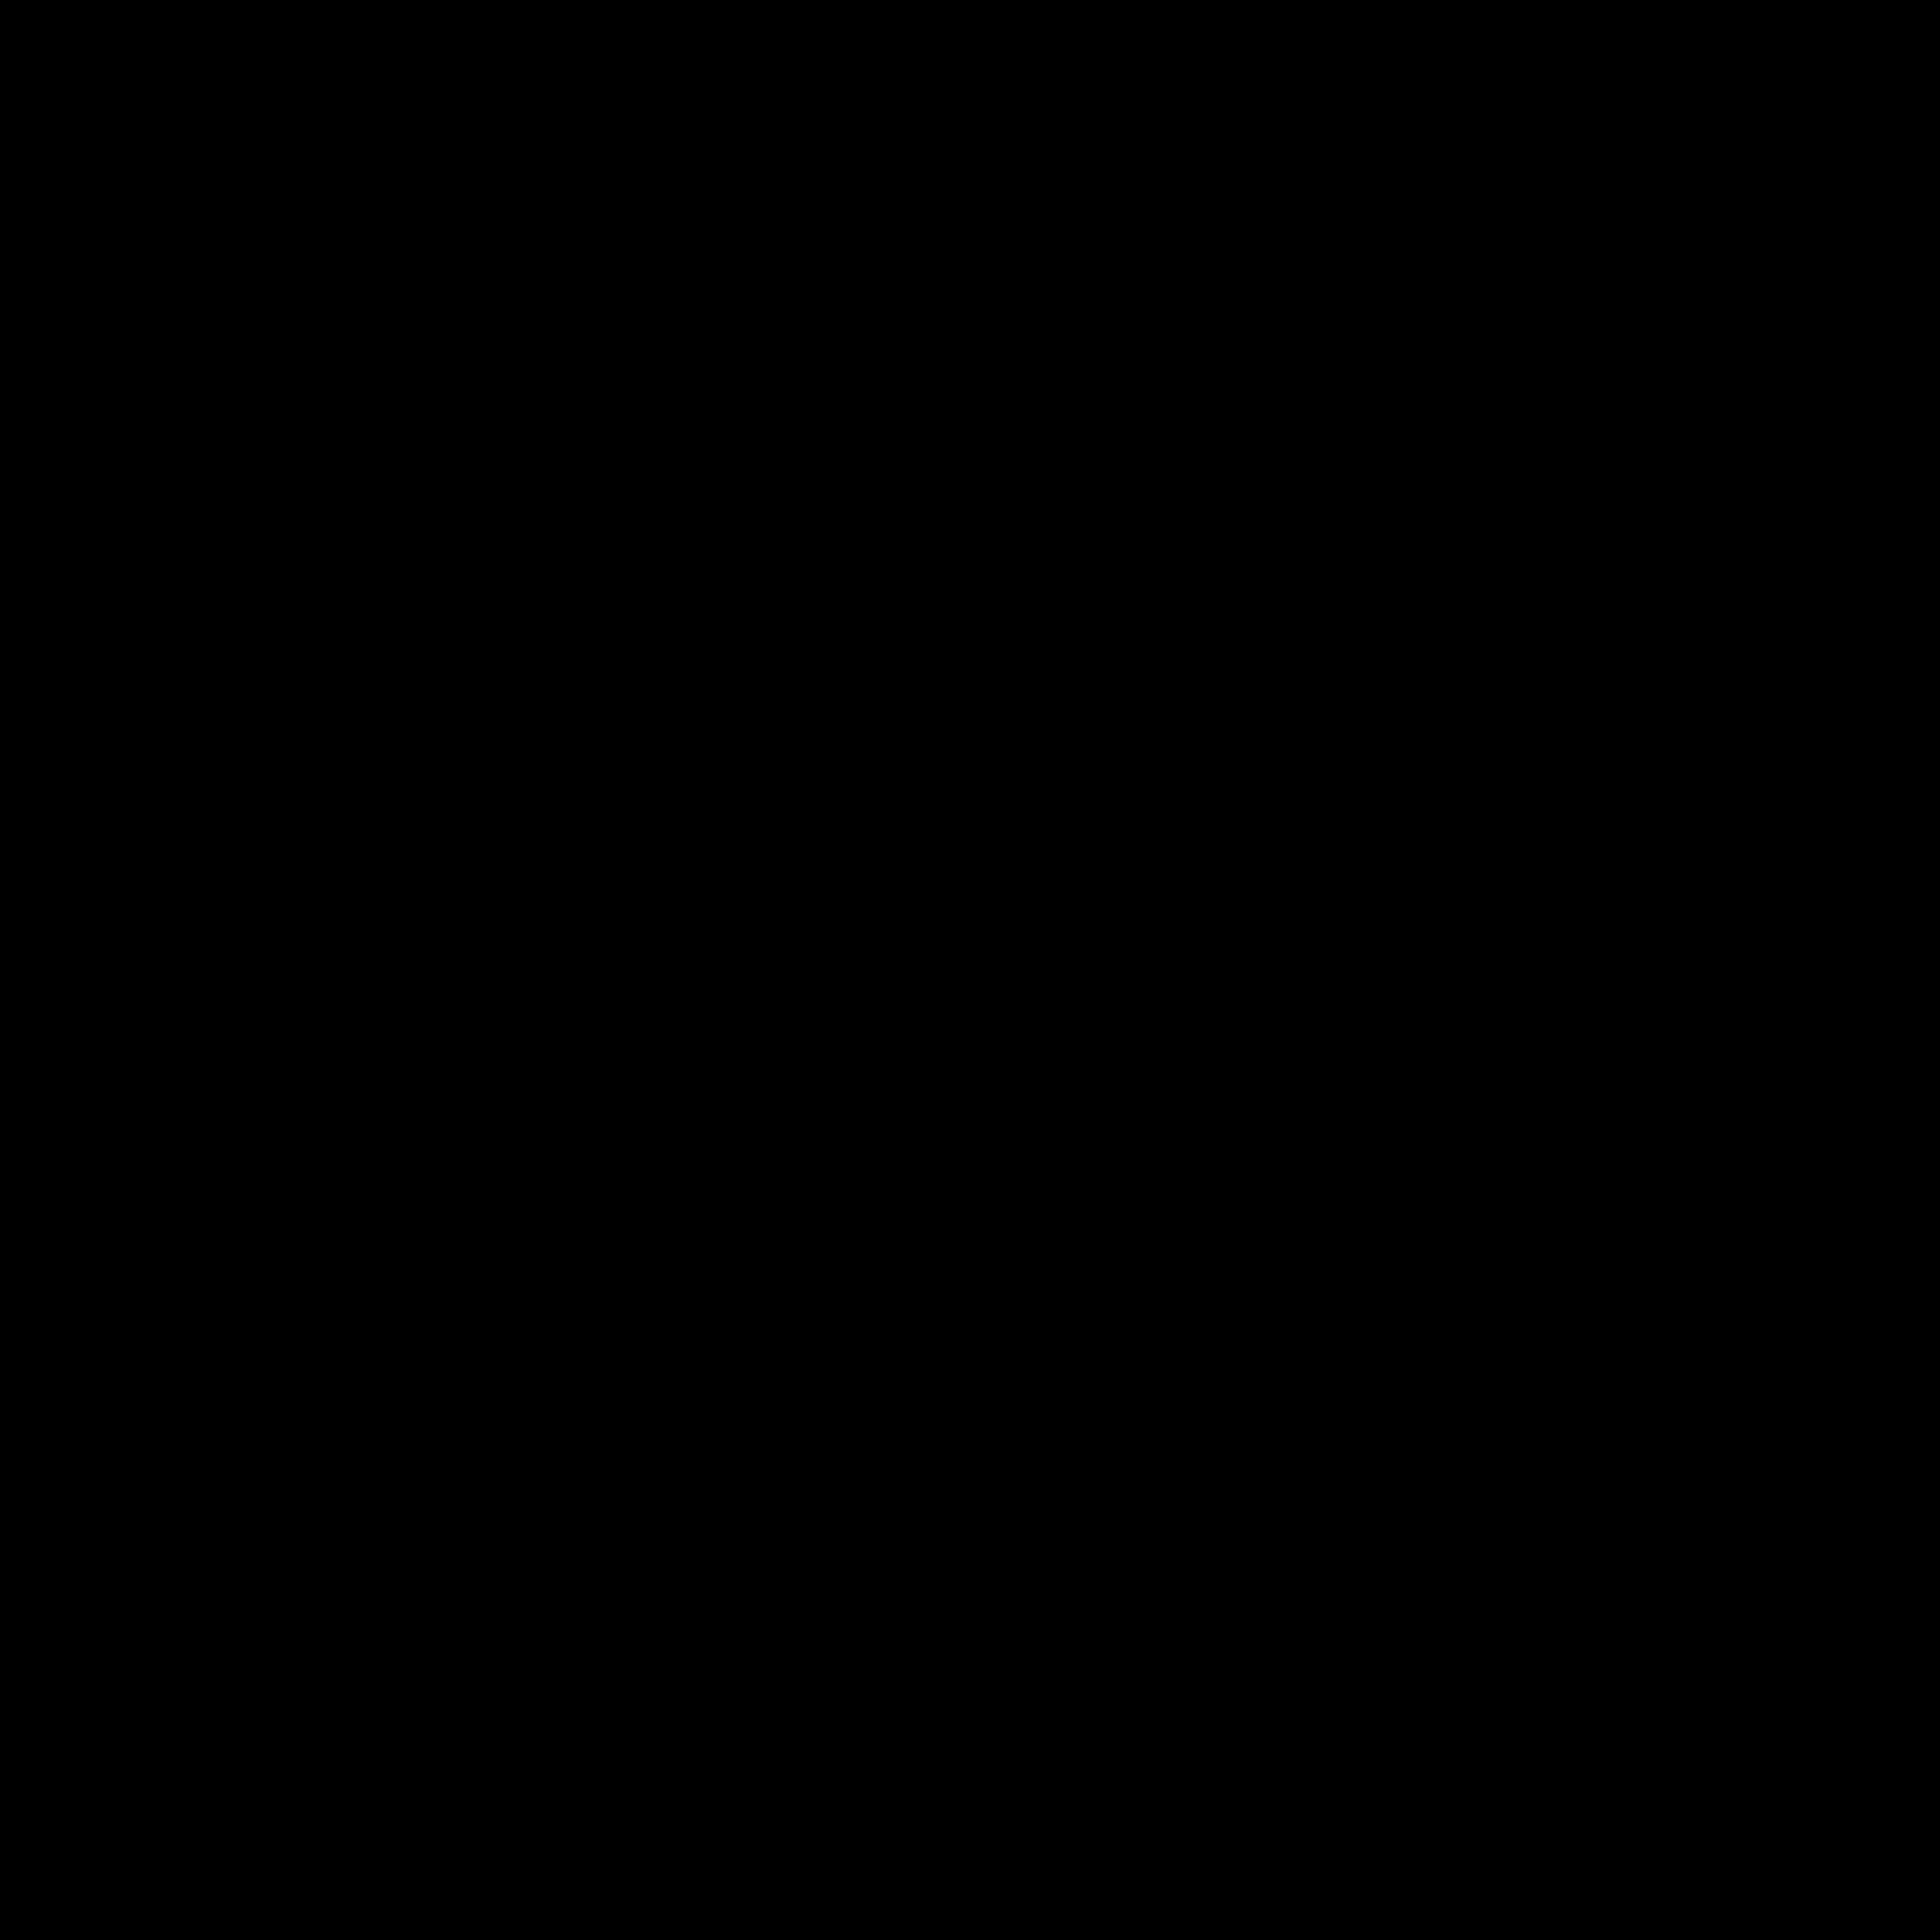 warner-bros-logo-png-transparent.png